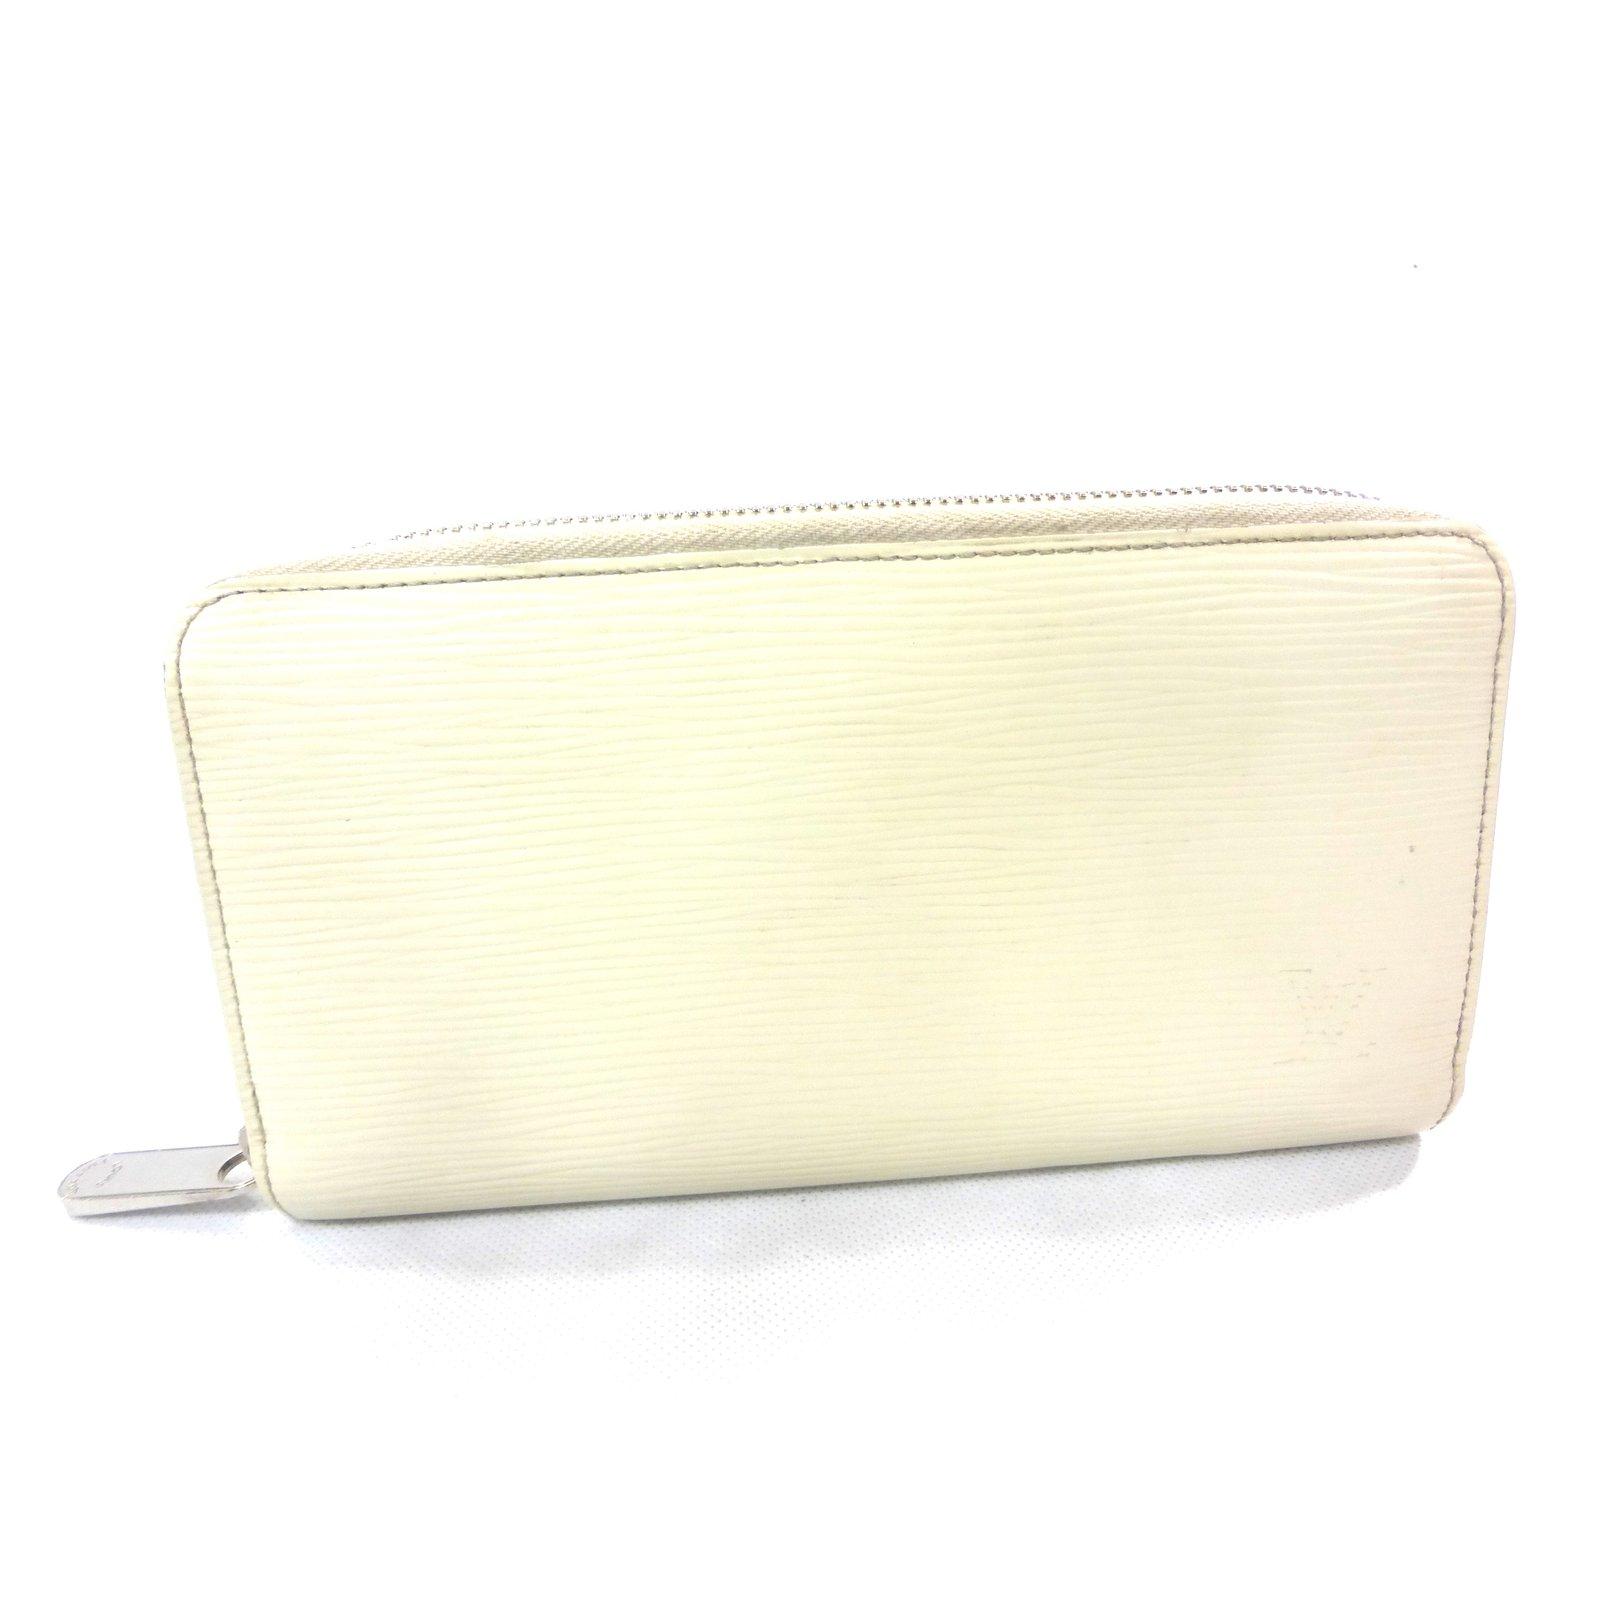 077c6a44e67b Petite maroquinerie Louis Vuitton PORTEFEUILLE ZIPPY EPI CREME Cuir Crème  ref.87443